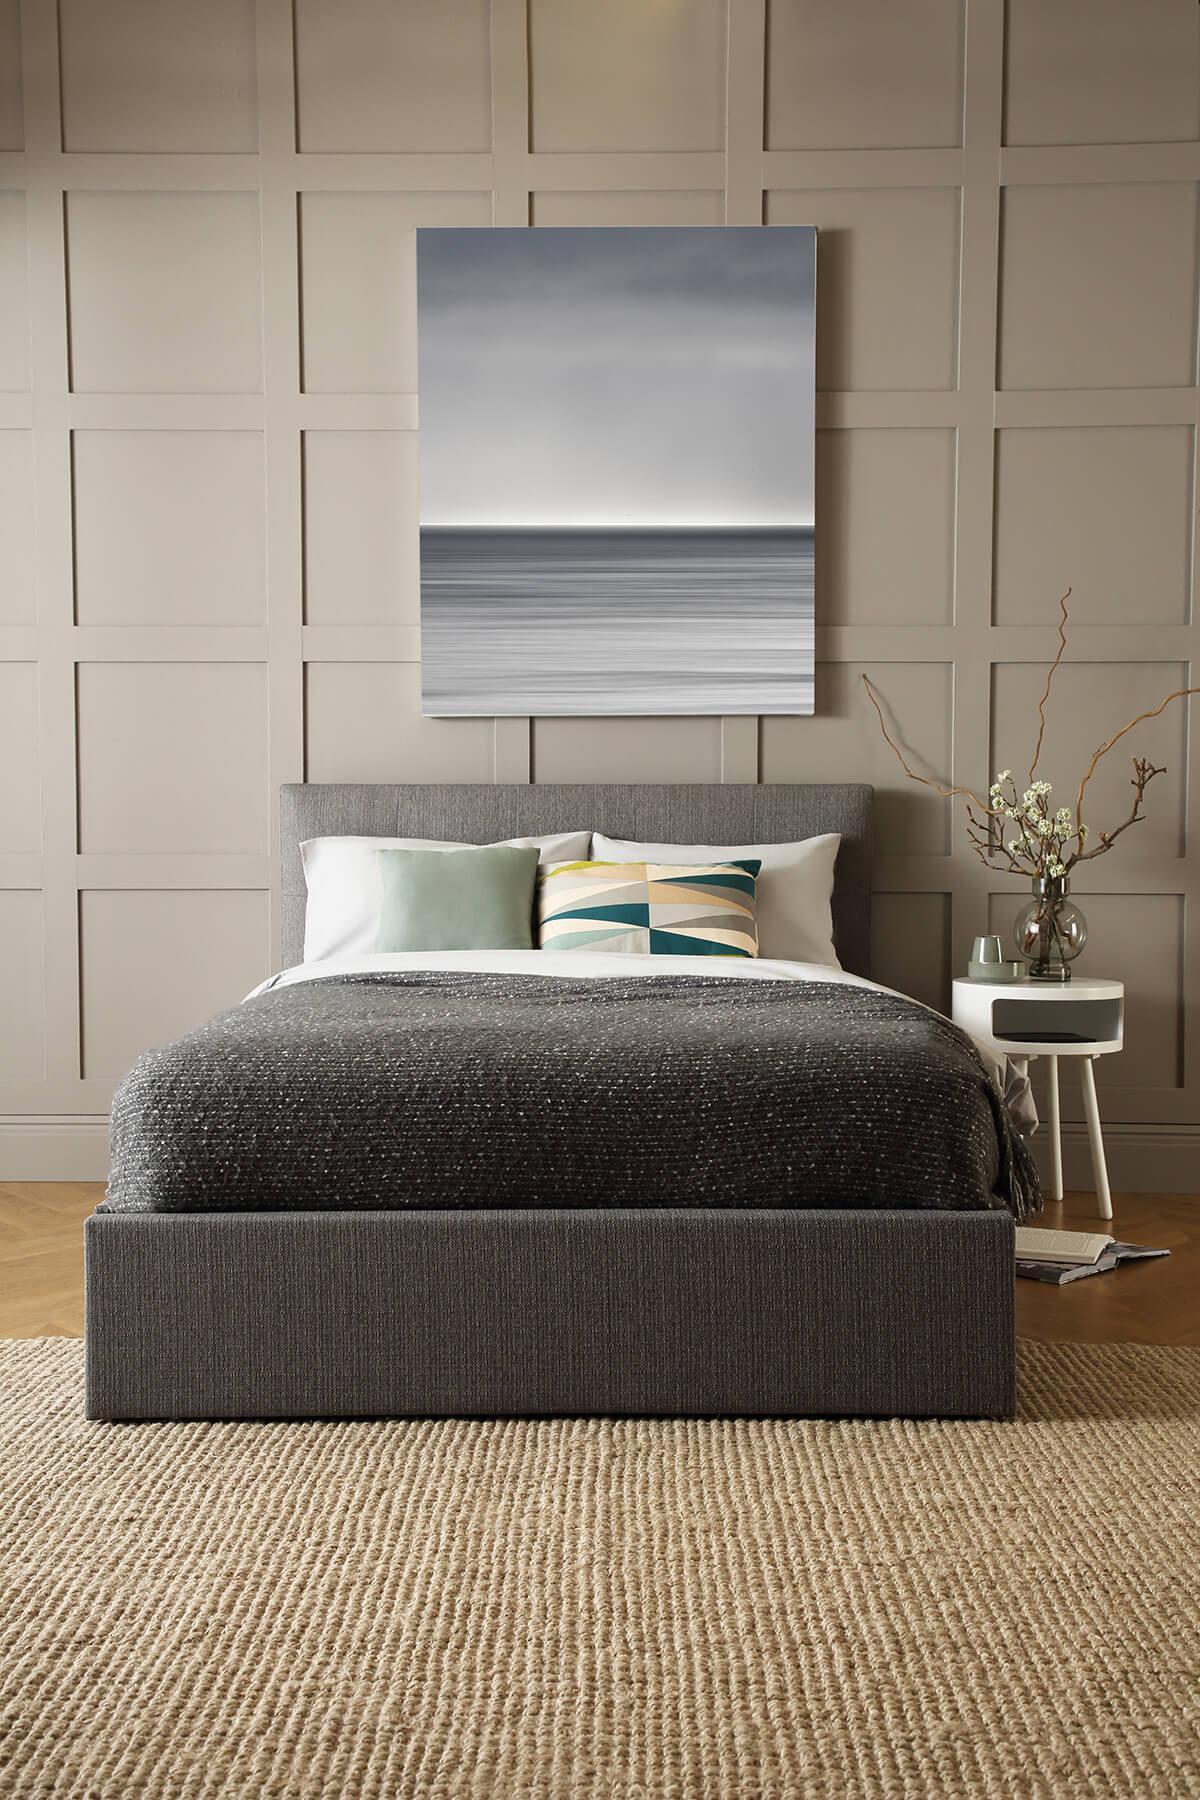 Hexham grey storage bed portrait